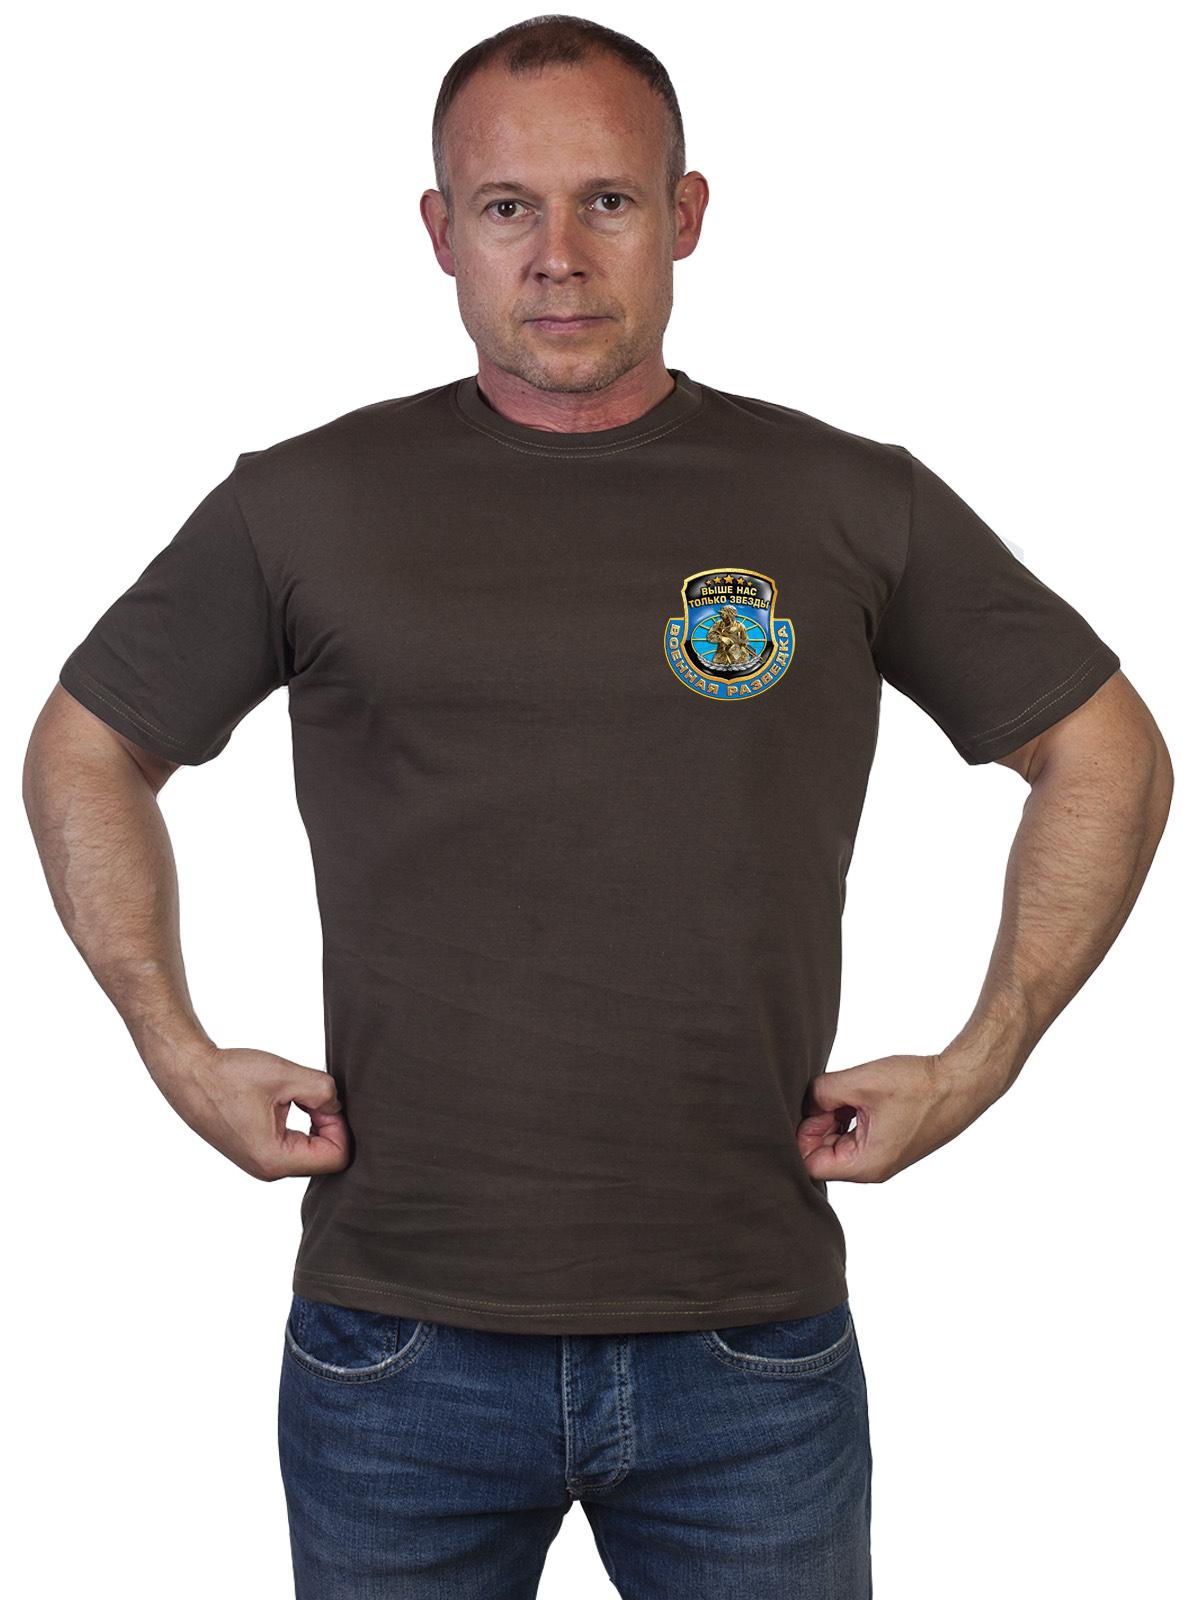 Мужские футболки для разведчиков по специальной цене